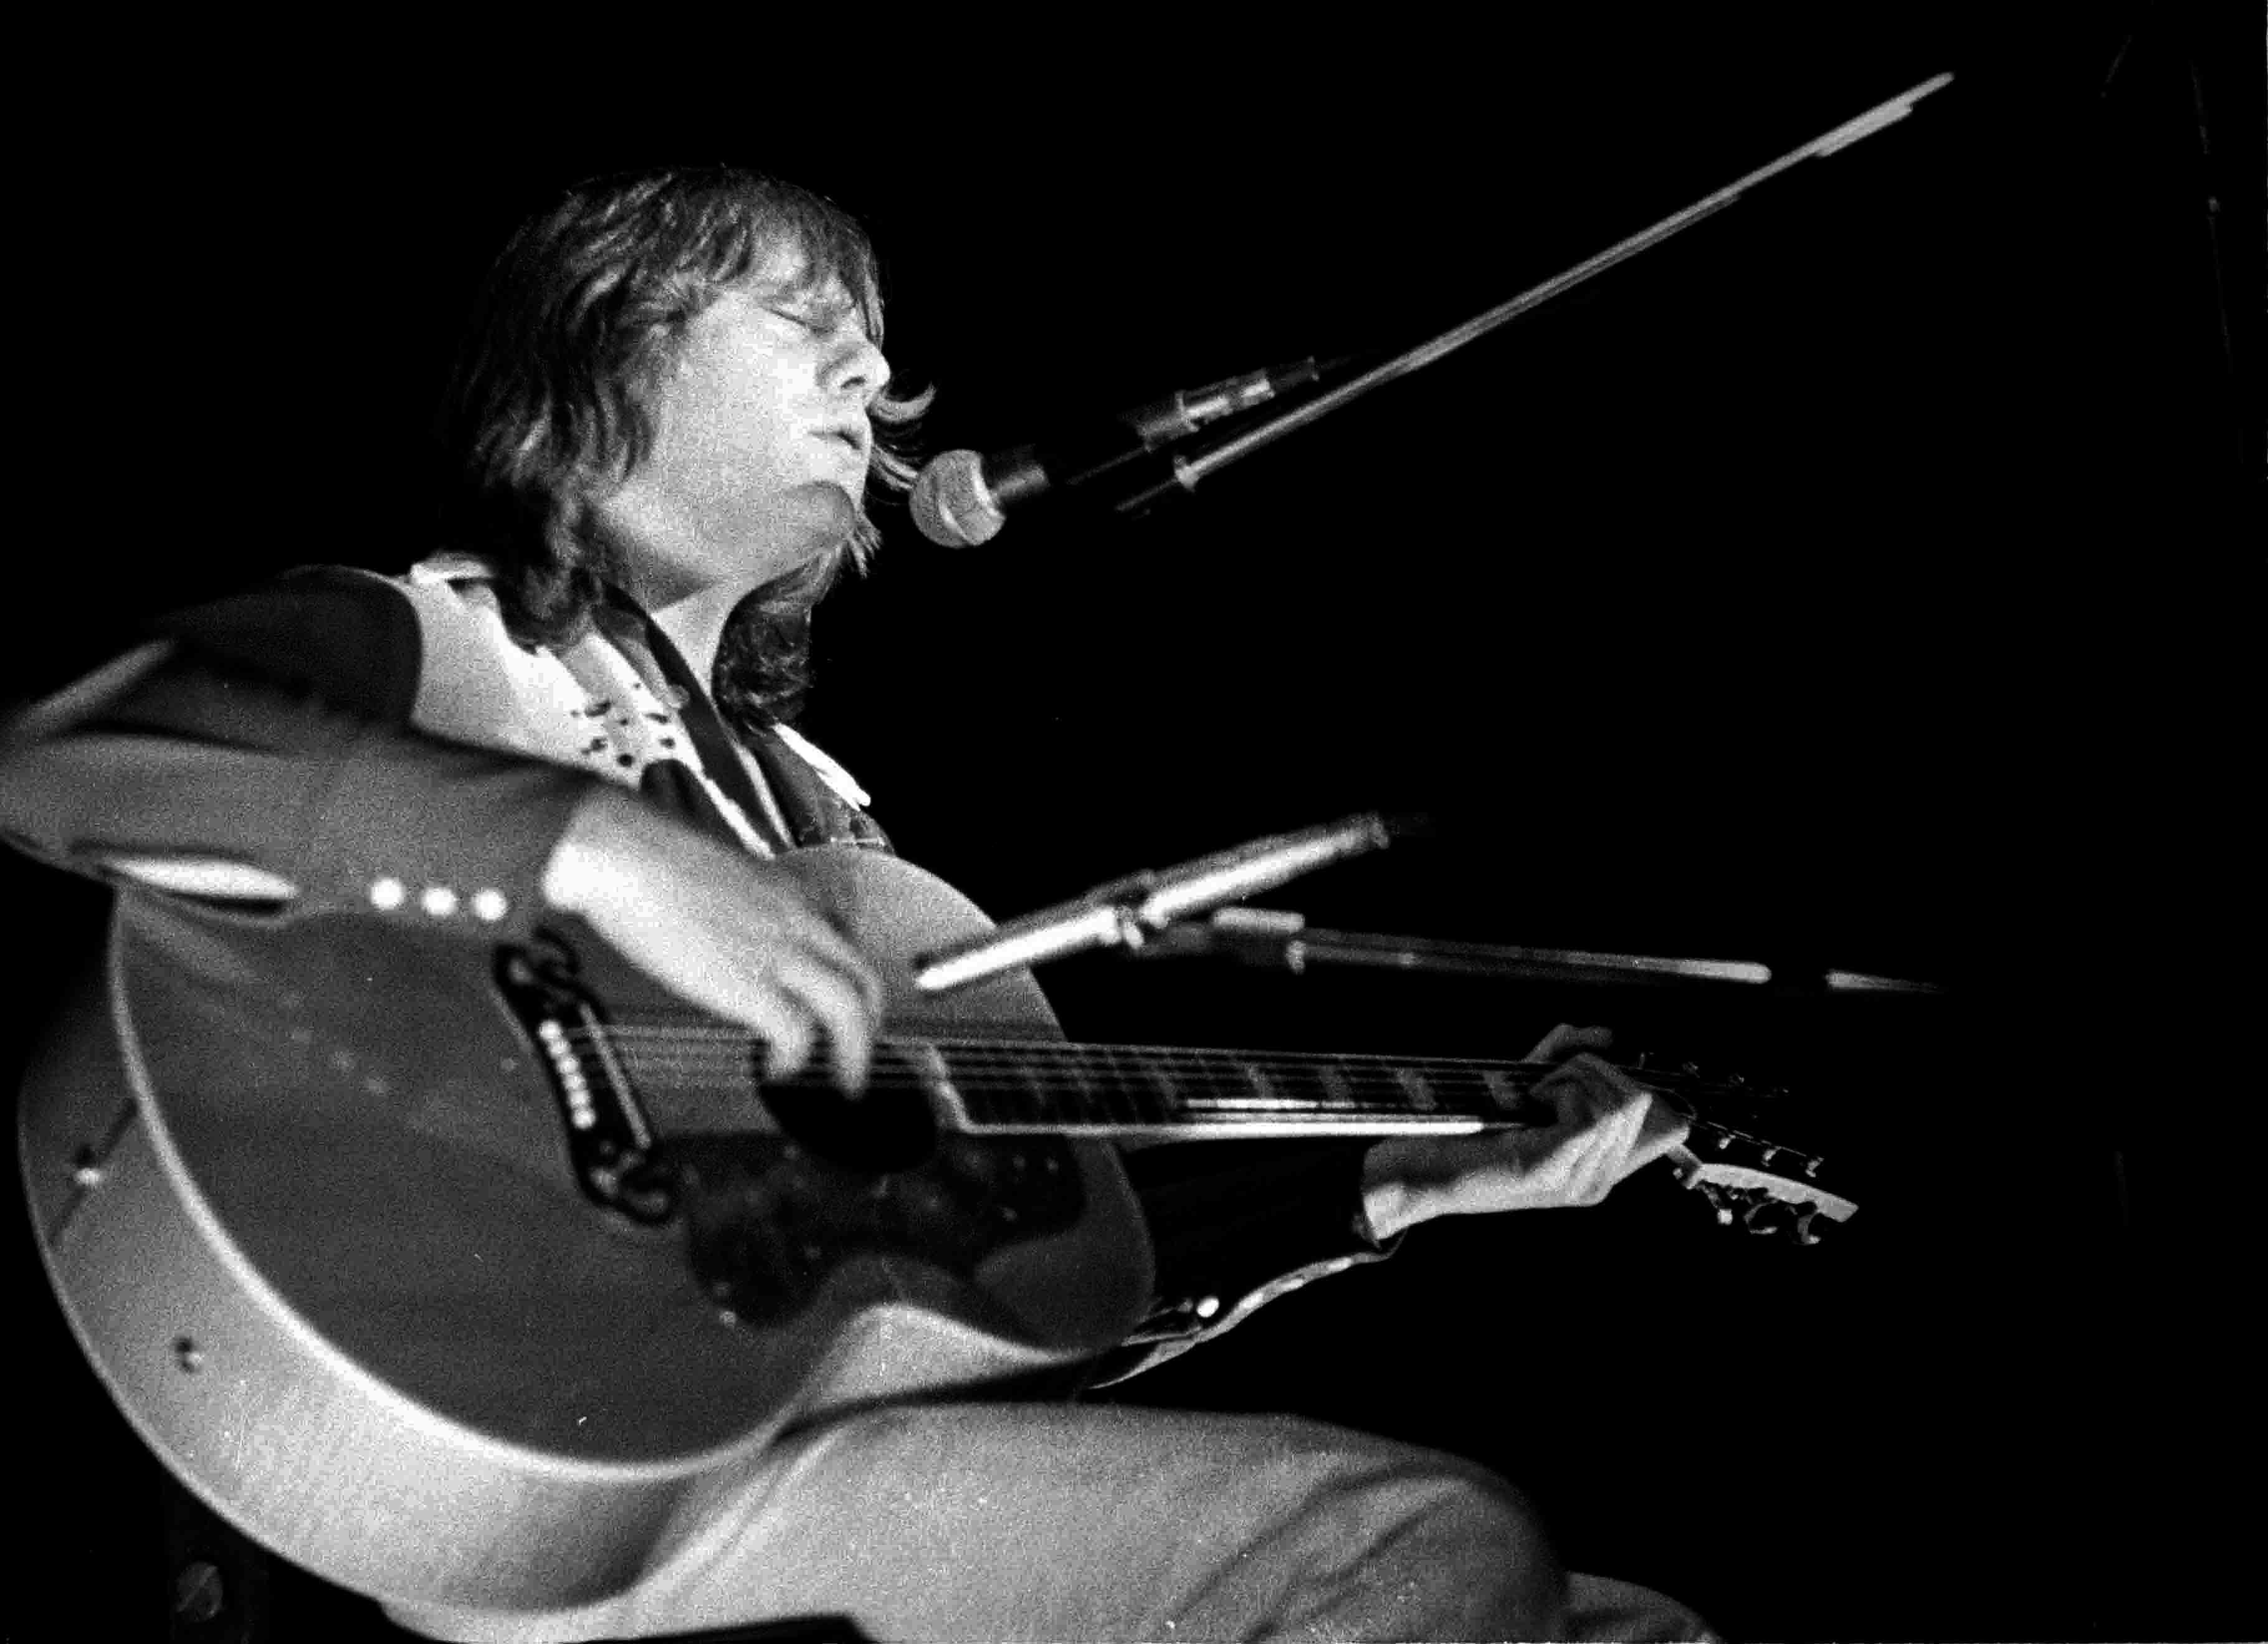 Emerson Lake & Palmer Greg Lake 1973 Amsterdam